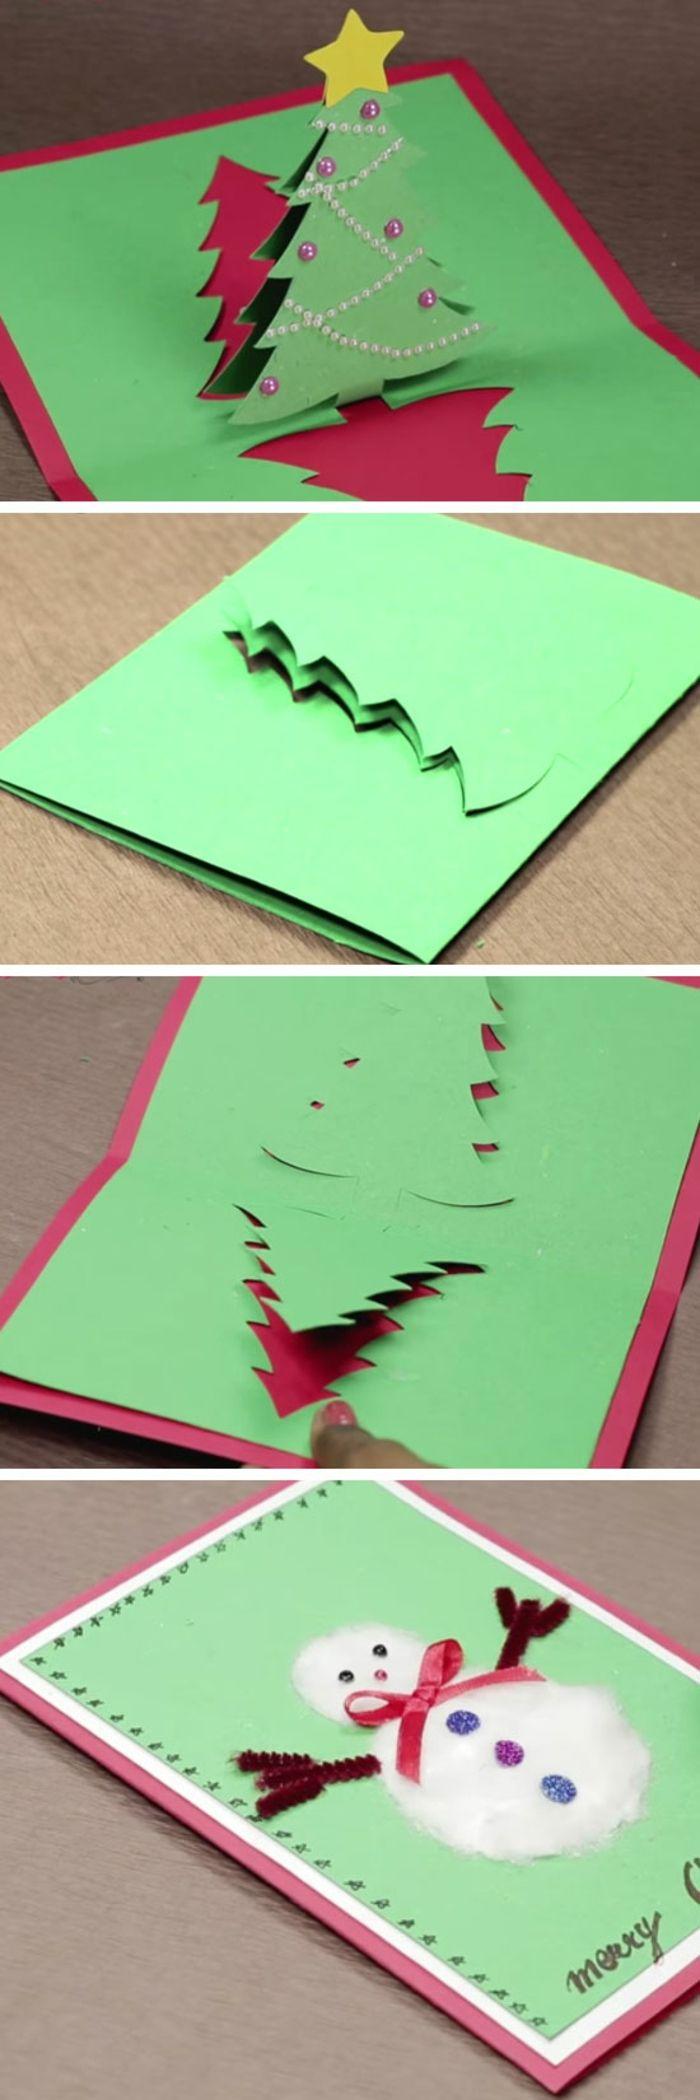 ▷ 1001 + Ideen für Weihnachtskarten selbst gestalten #cartedenoel